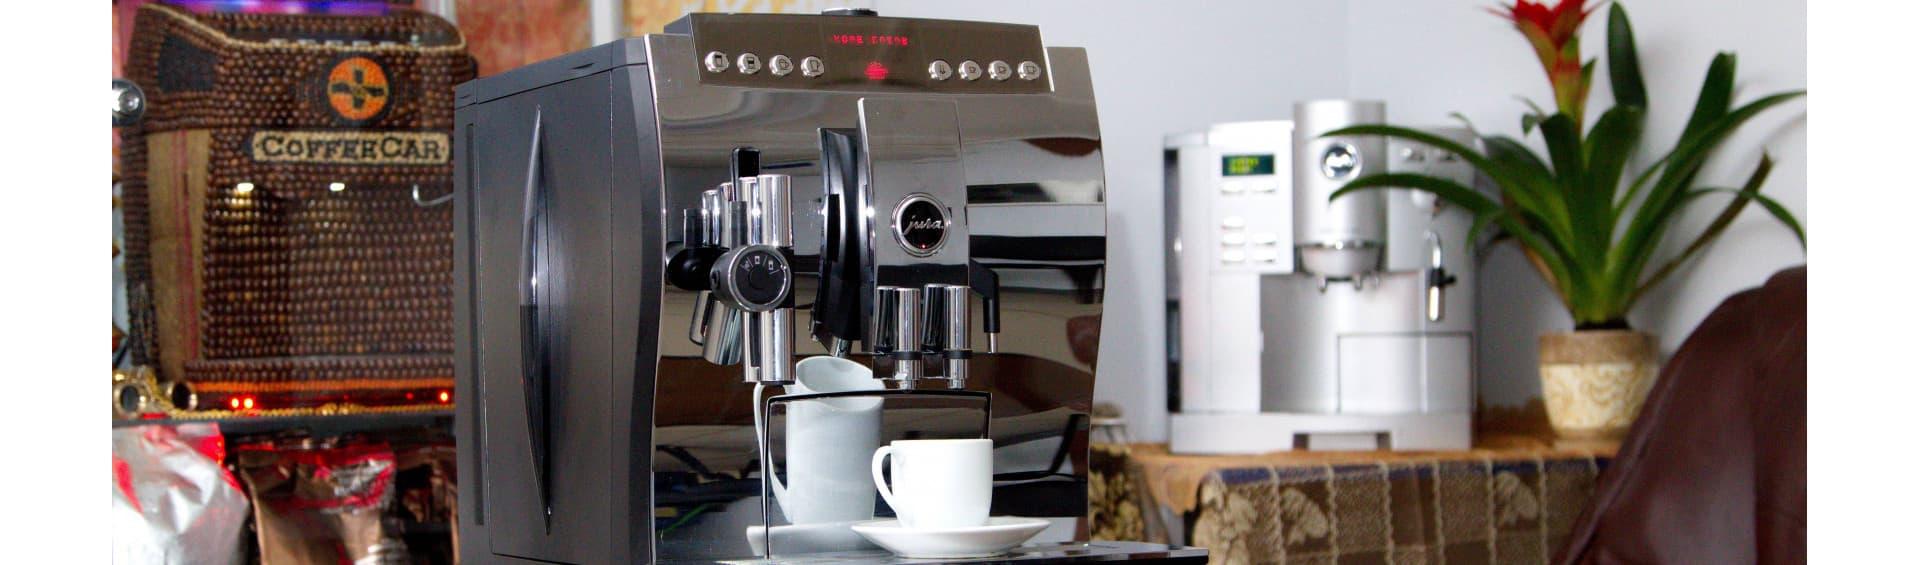 Запчасти для кофемашин JURA